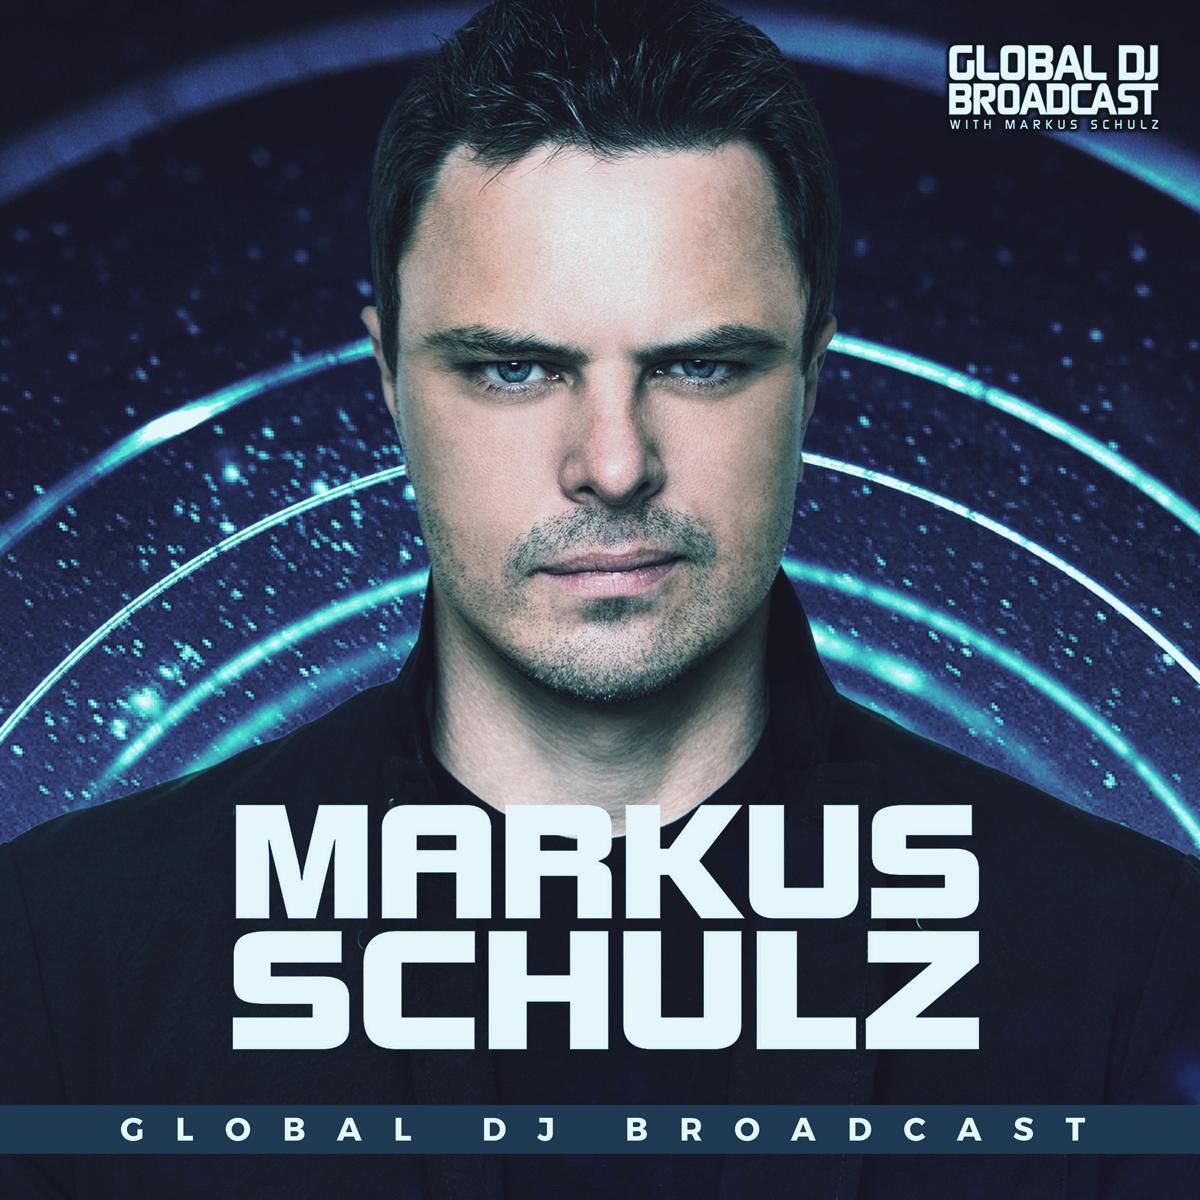 Pioneer dj sounds markus schulz dating